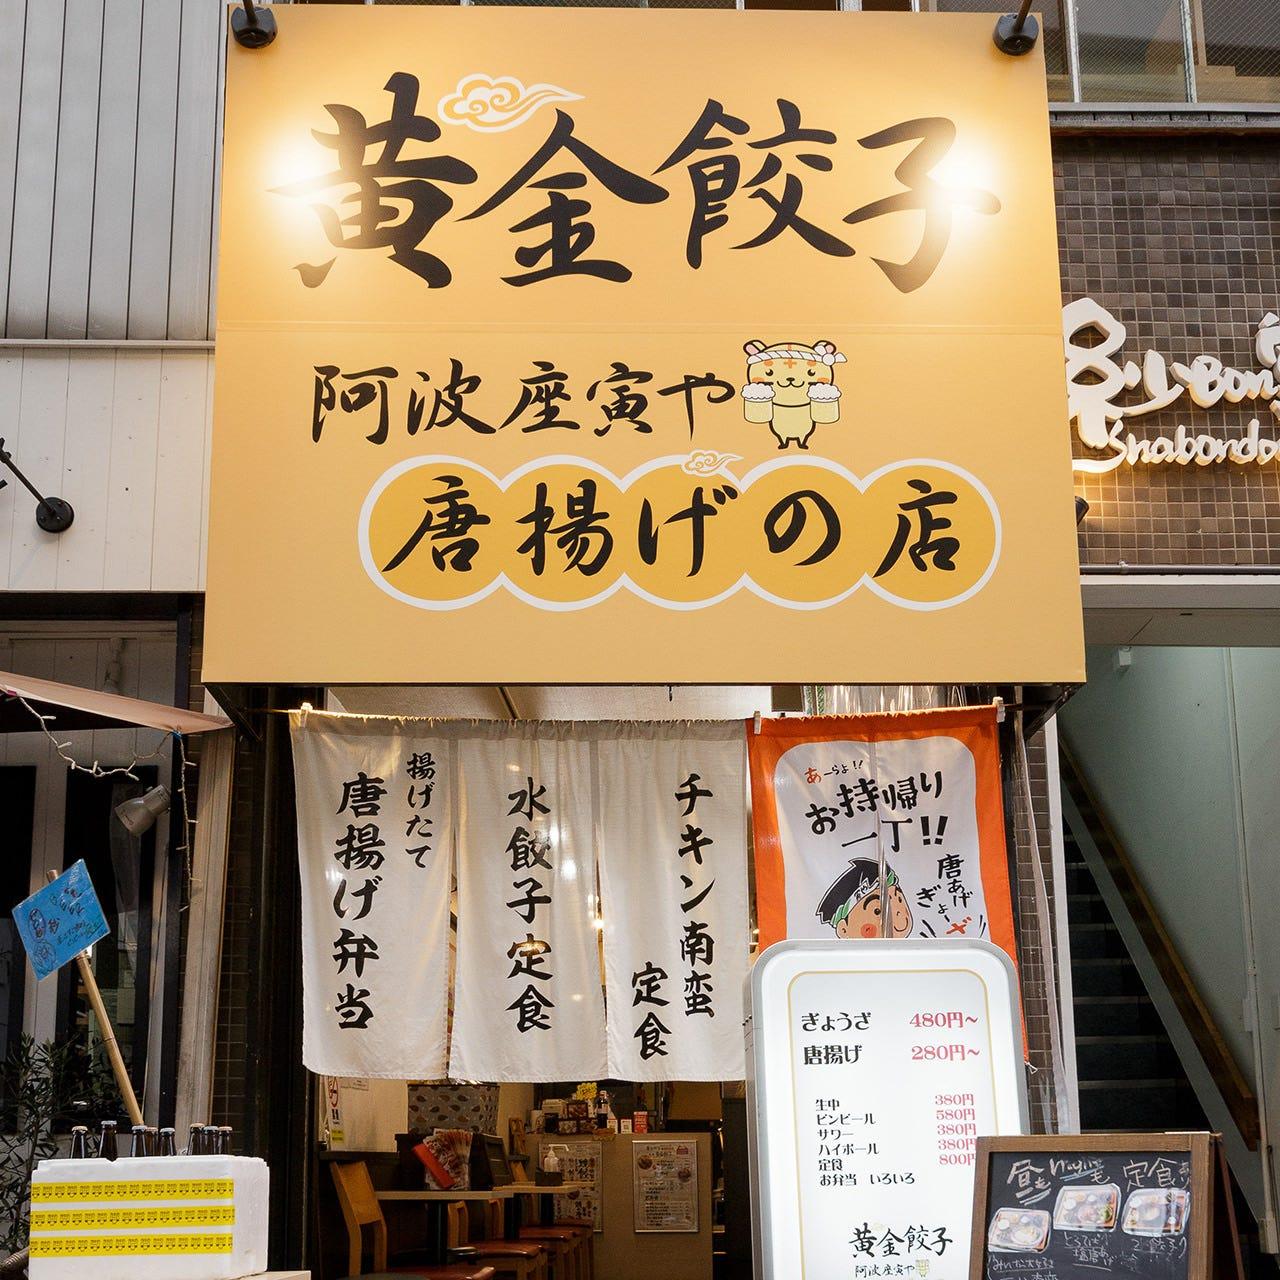 当店は店内だけでなく、テイクアウトも可能となっております